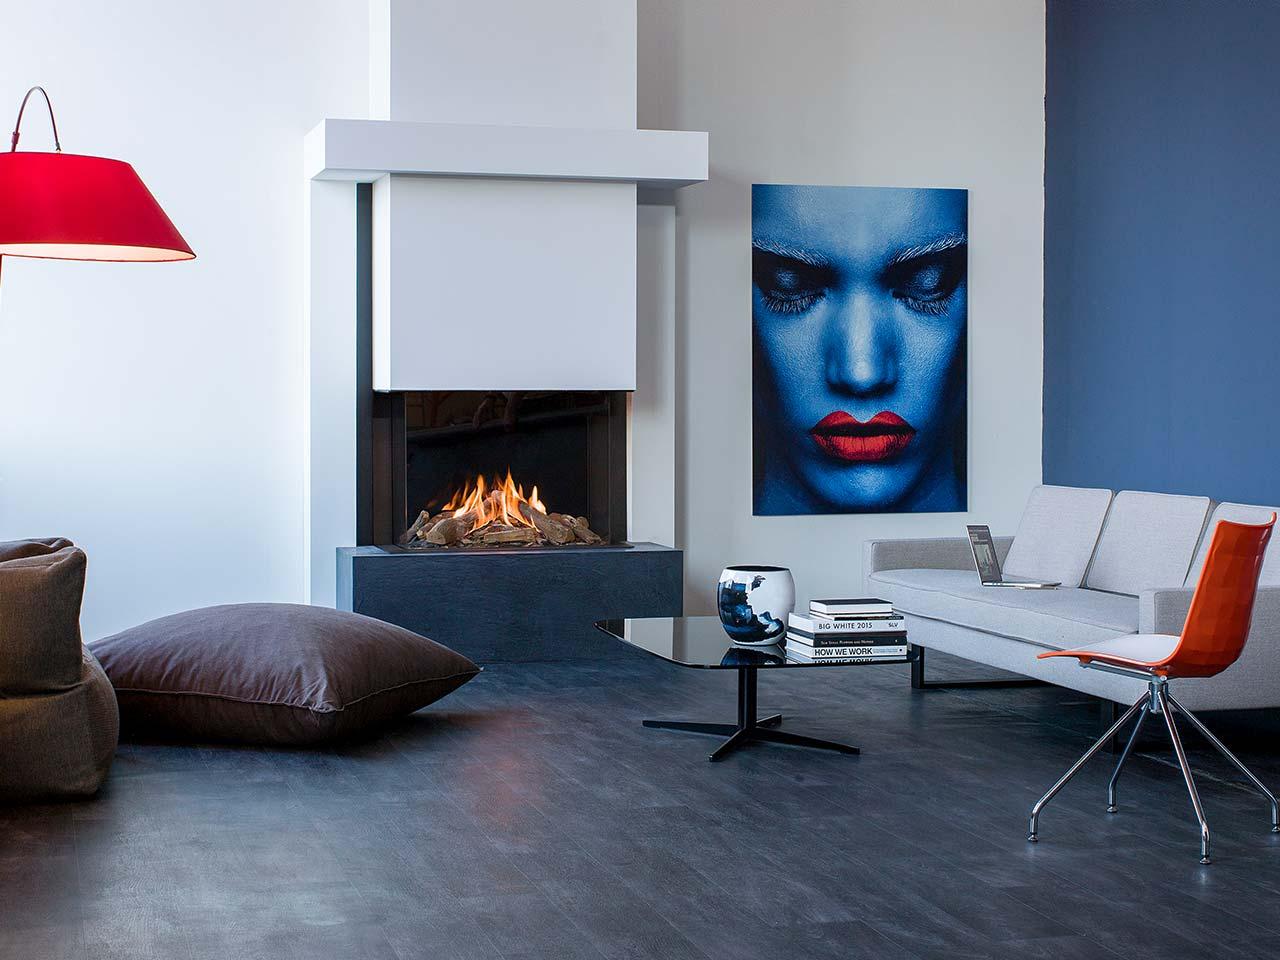 Faber Gaskamin Matrix 800/650 in dreiseitiger Ausführung mit realistischen Holzimitaten.